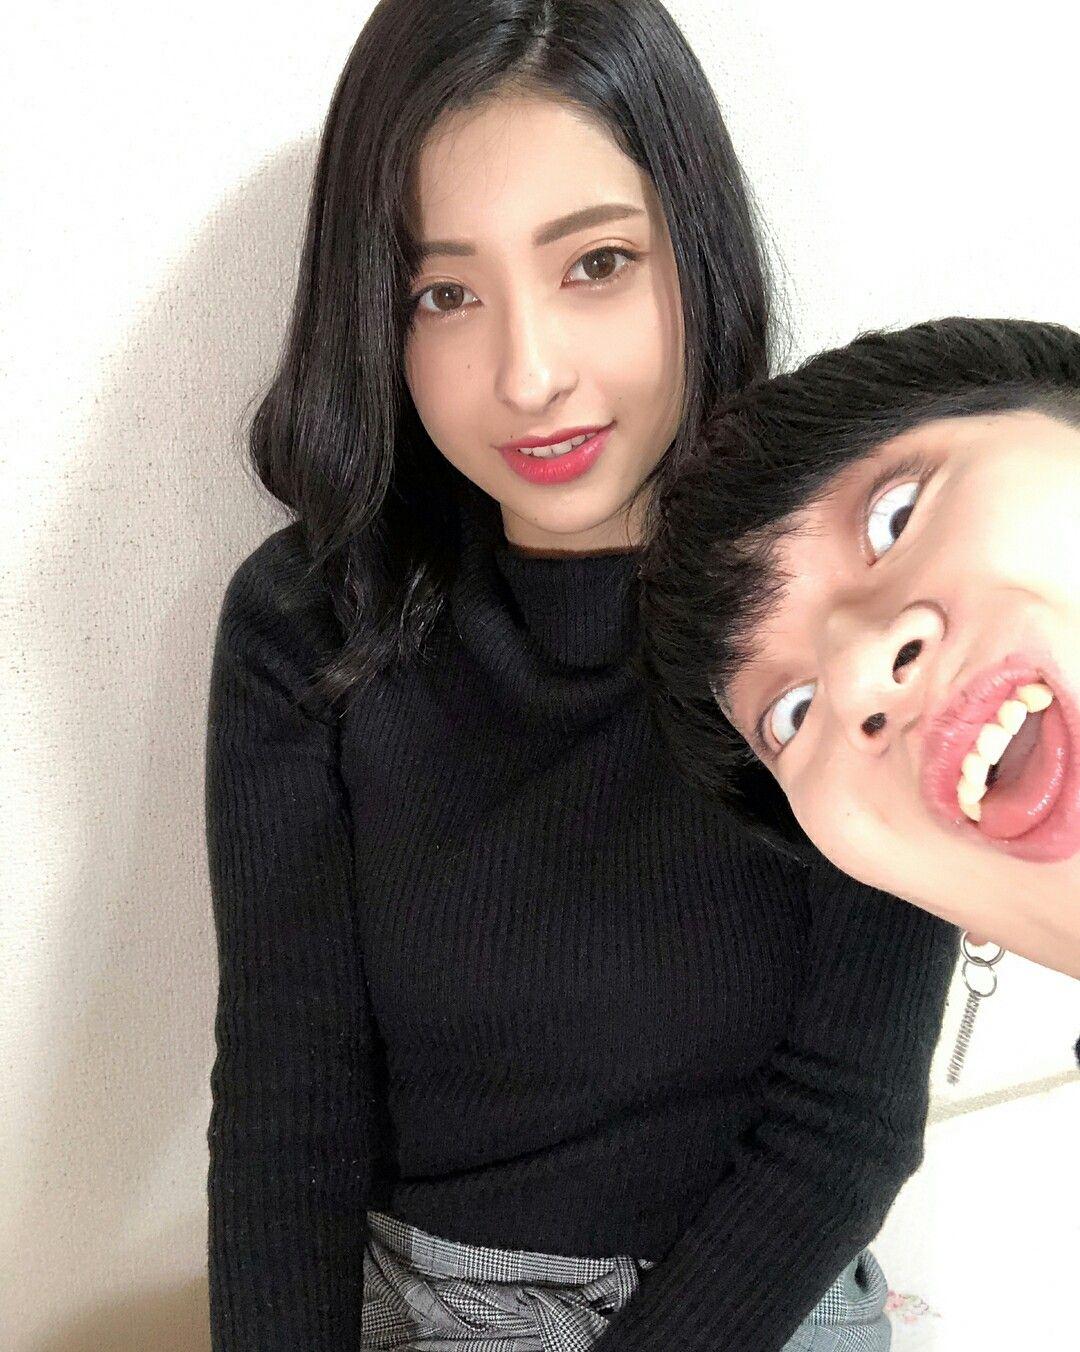 корейские смешные картинки носят любым